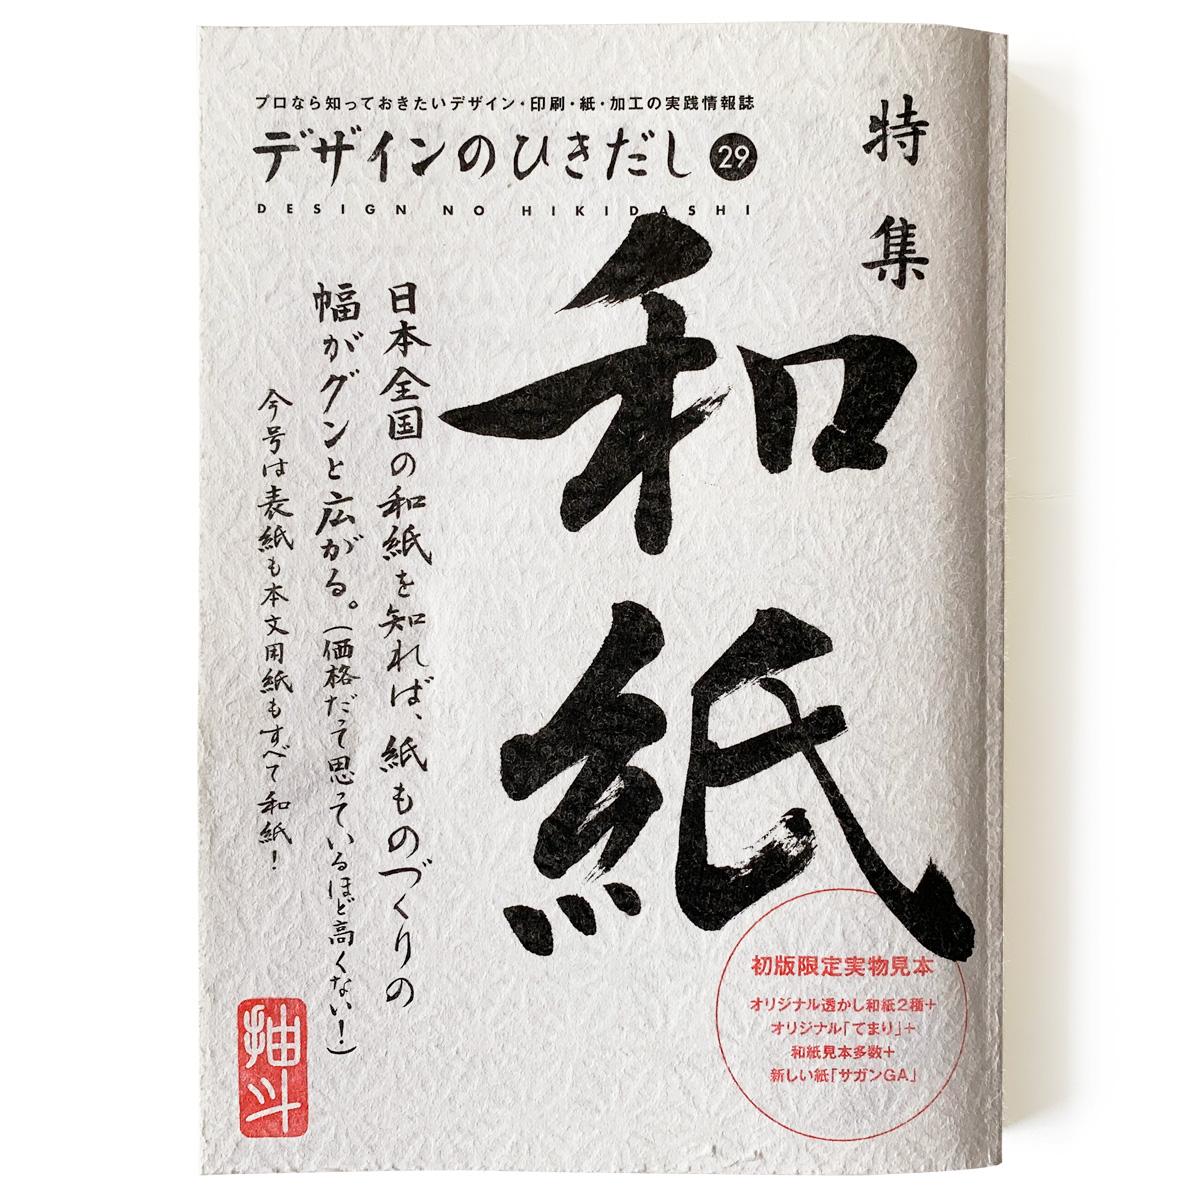 デザインのひきだし29 特集「和紙」に載っています!